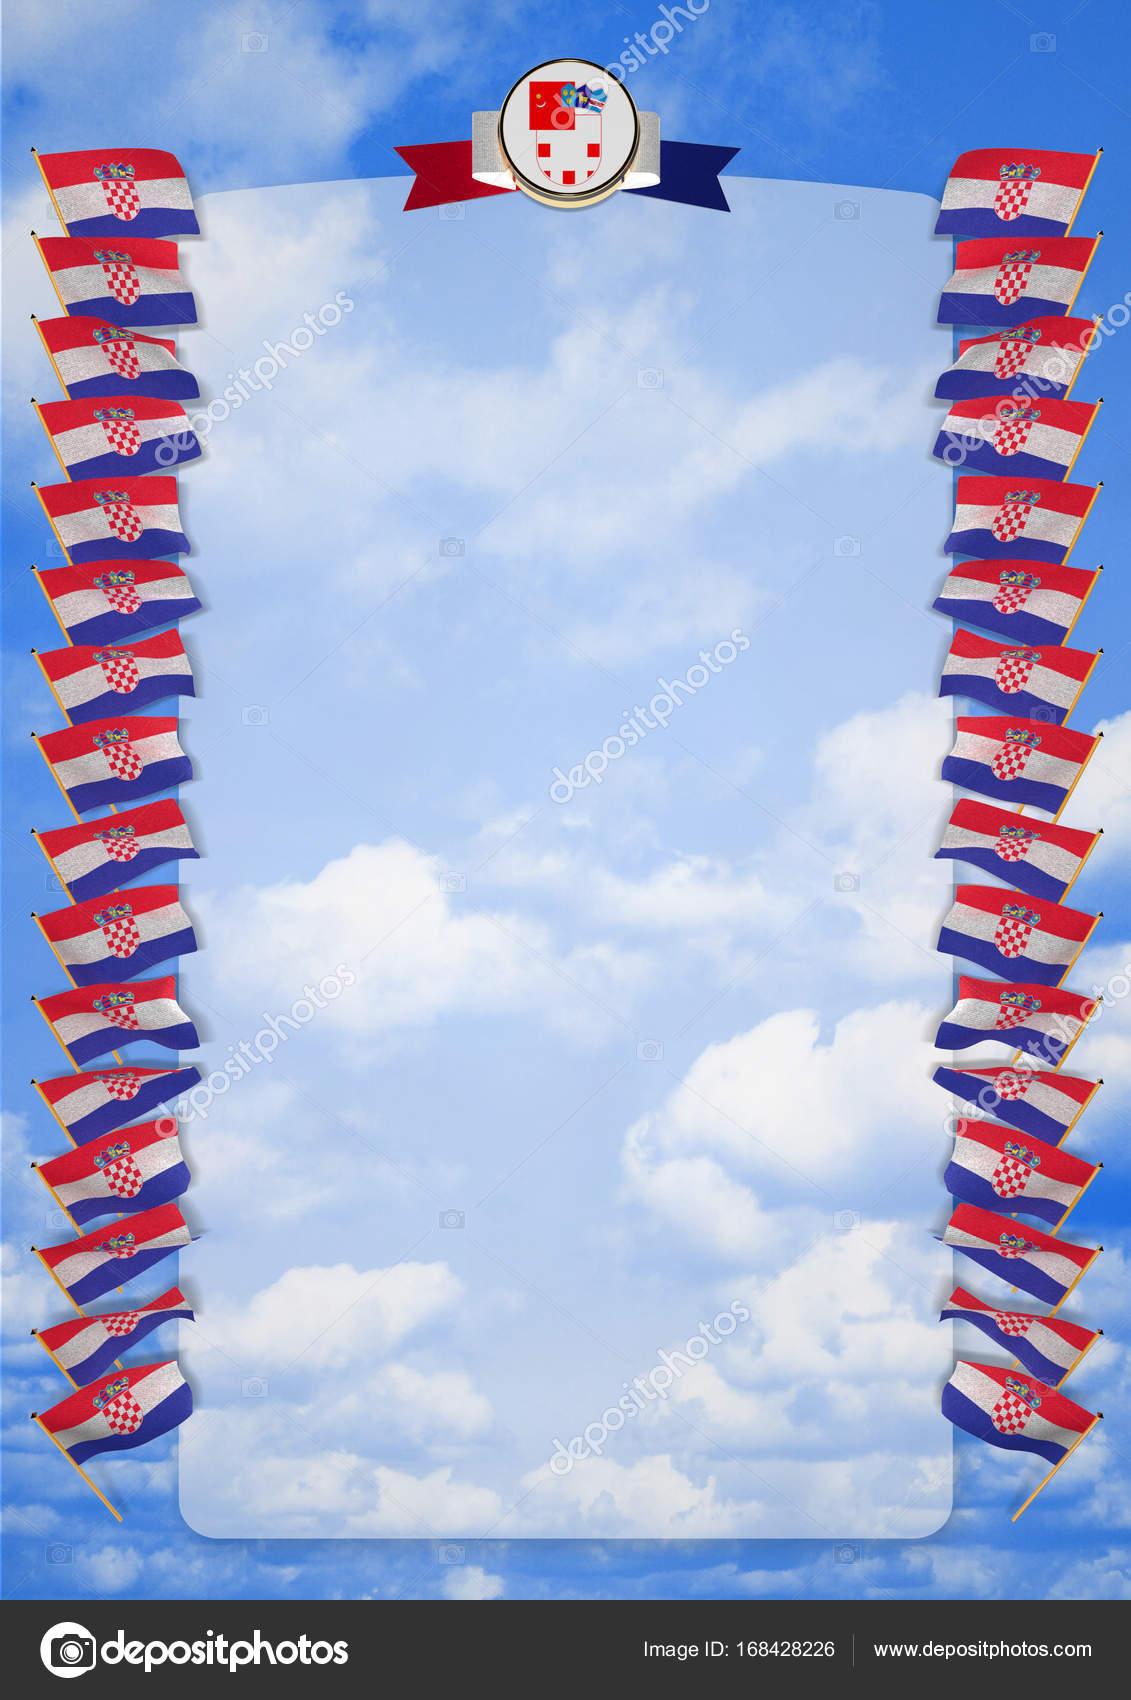 Rahmen und Rand mit Flagge und Wappen von Kroatien. 3D illustration ...